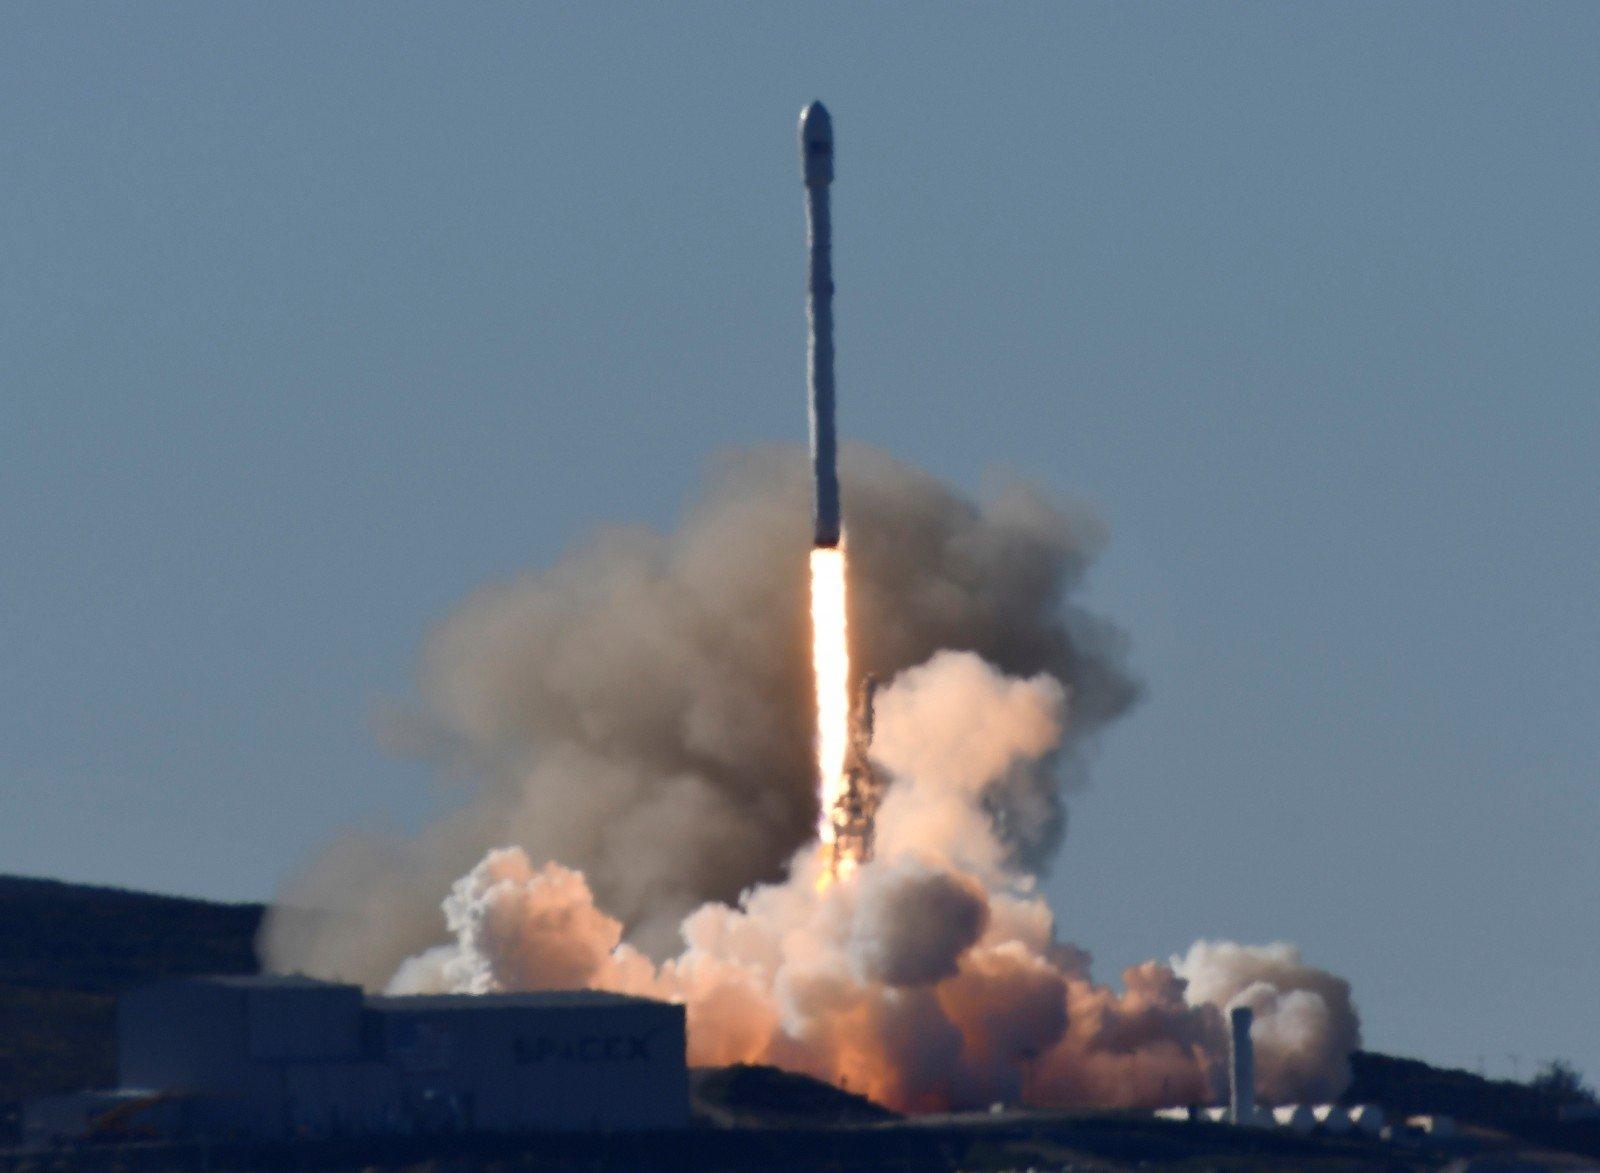 SpaceX благополучно посадила нижнюю ступень Falcon 9 наморскую платформу